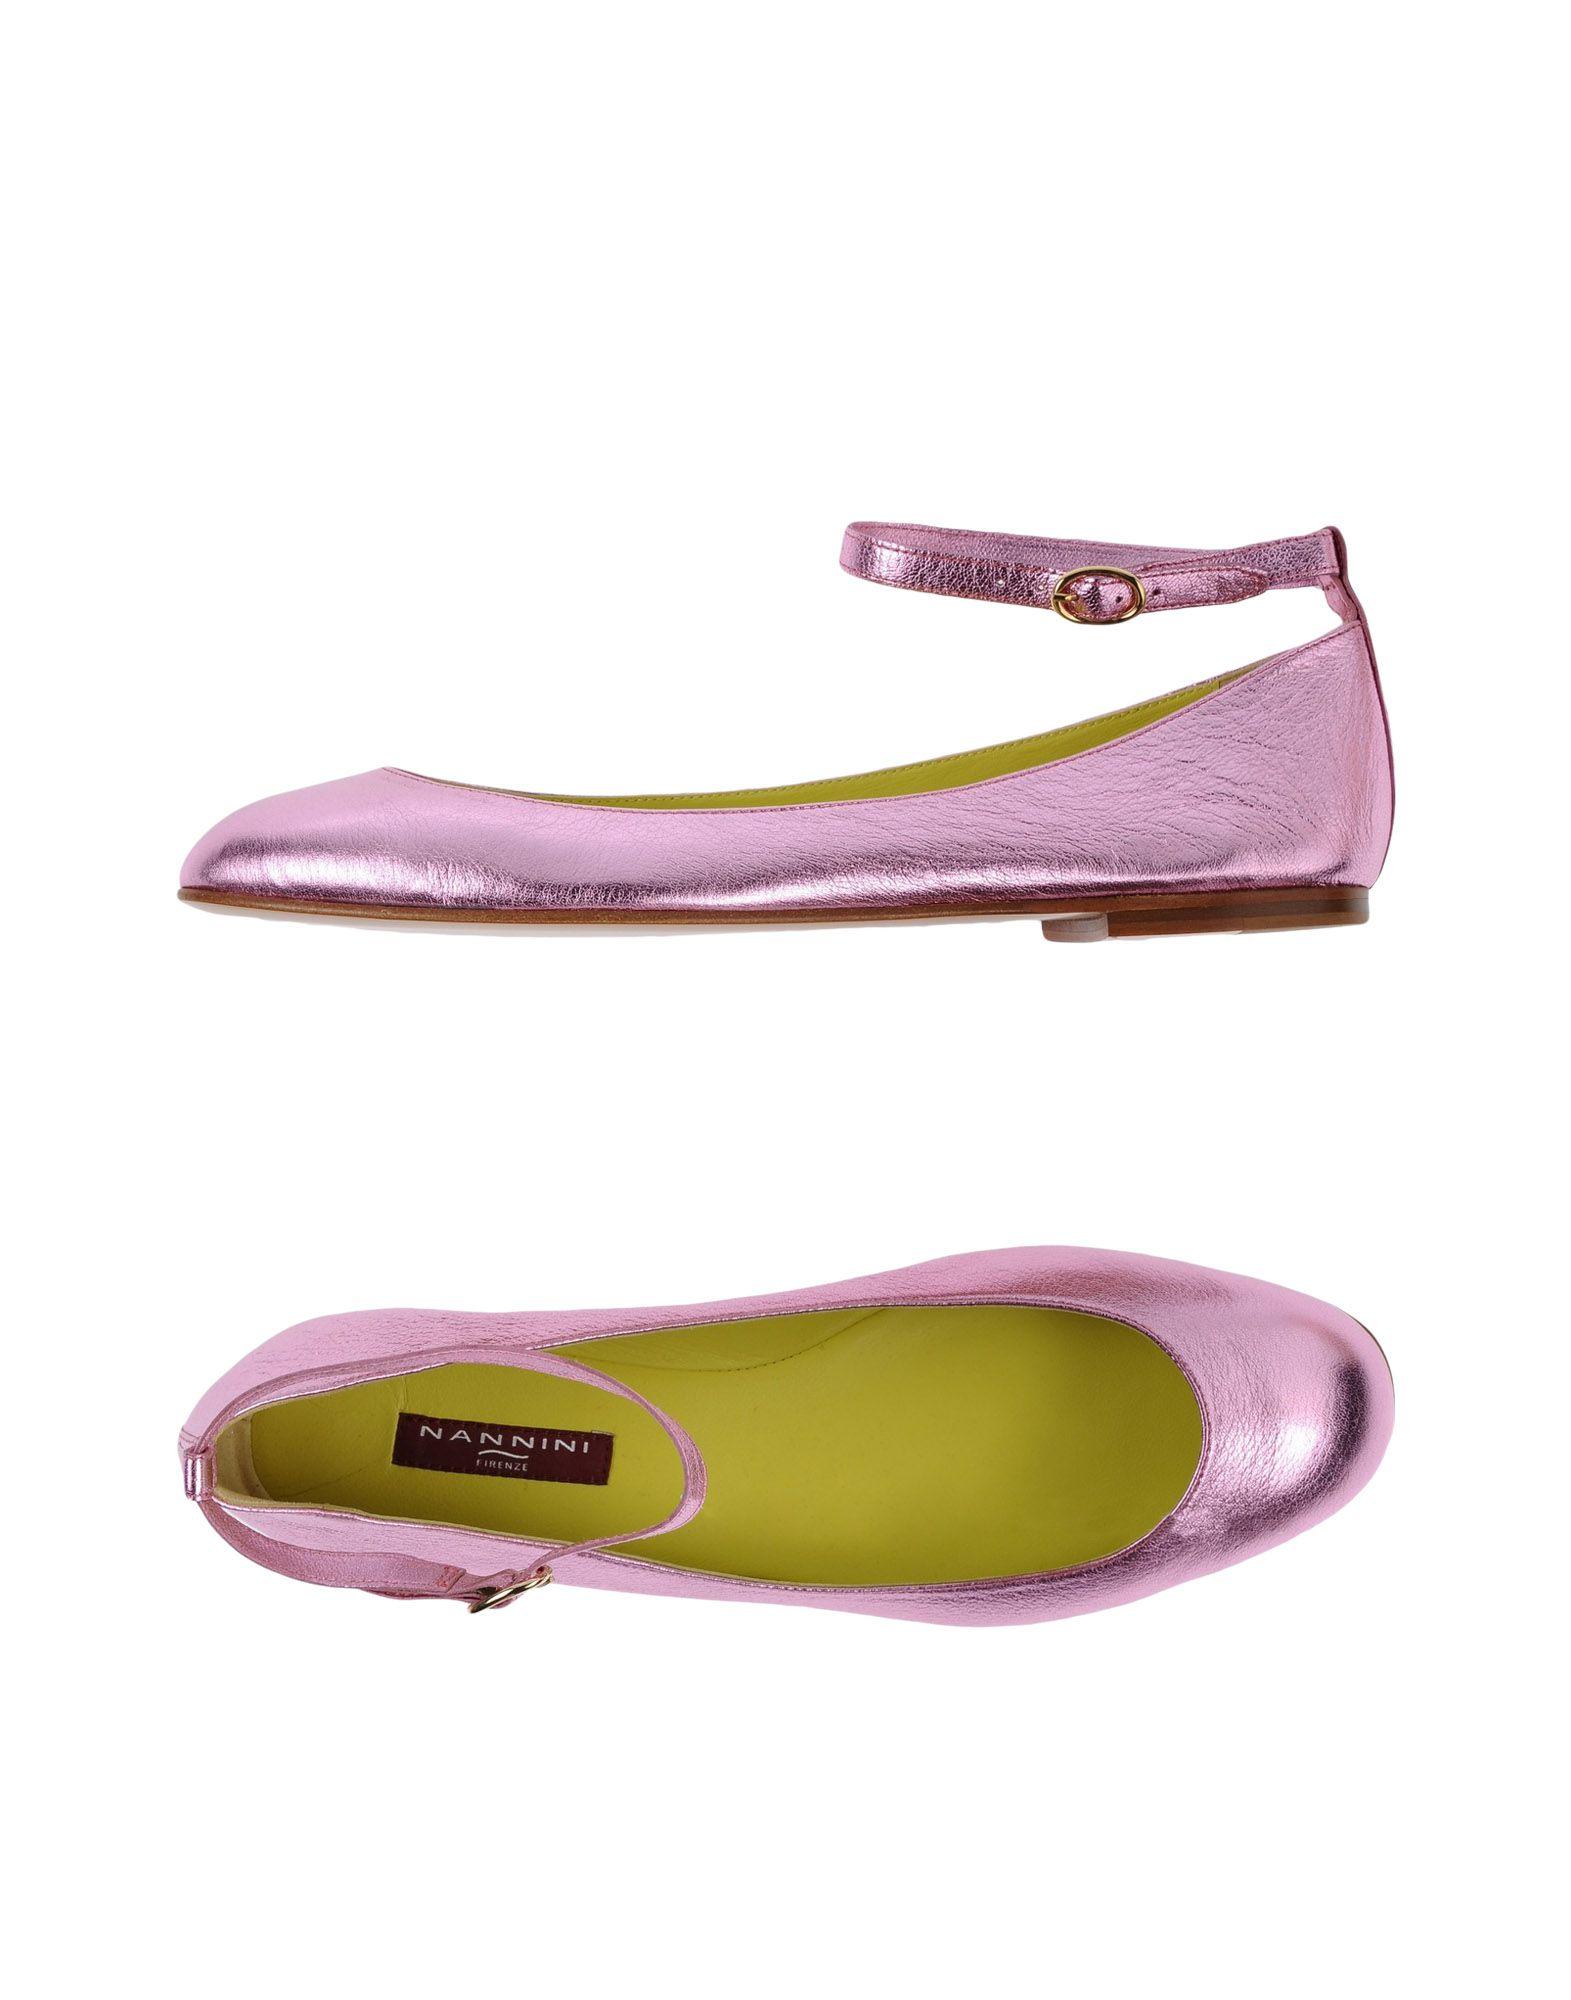 Nannini Nannini Nannini Ballerinas Damen  11459963PG Gute Qualität beliebte Schuhe e911bc